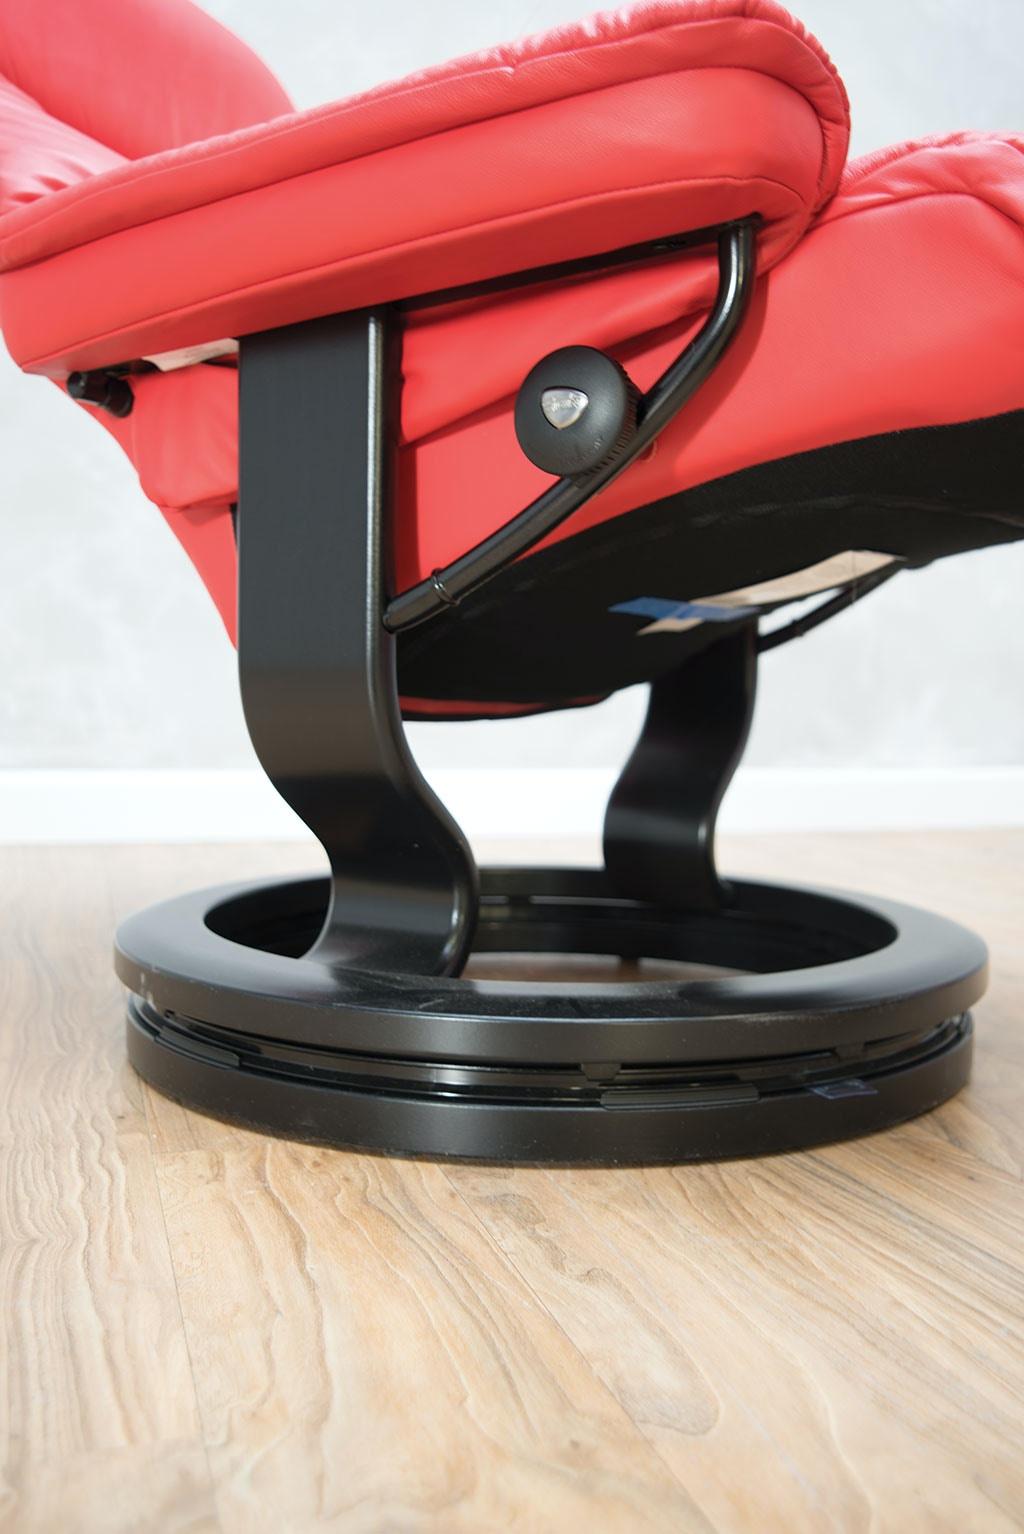 532111  sc 1 st  Kittleu0027s Furniture & Stressless by Ekornes Stressless Chairs - Kittleu0027s Furniture - Indiana